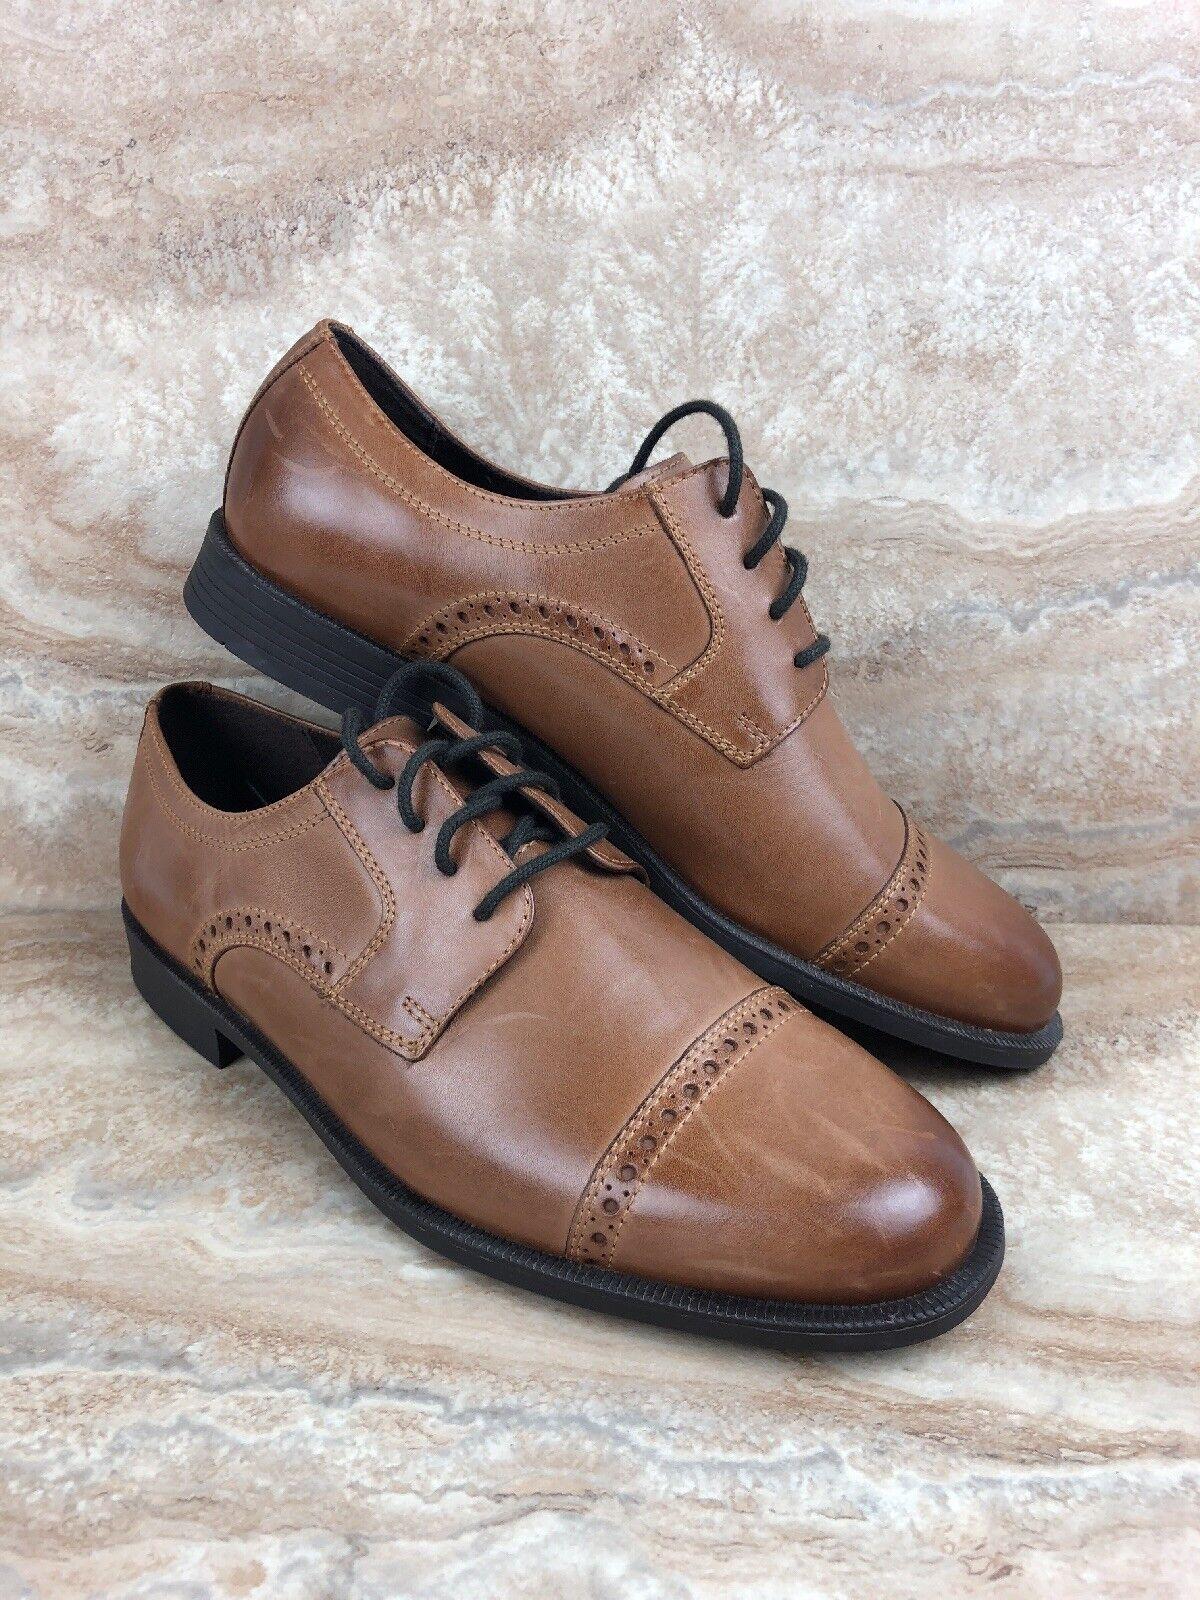 de5782c9e7cd13 ... Cole Haan Size 8.5 8.5 8.5 M Dustin Cap Brogue Oxford Tan Leather Dress  shoes f4f3ac ...